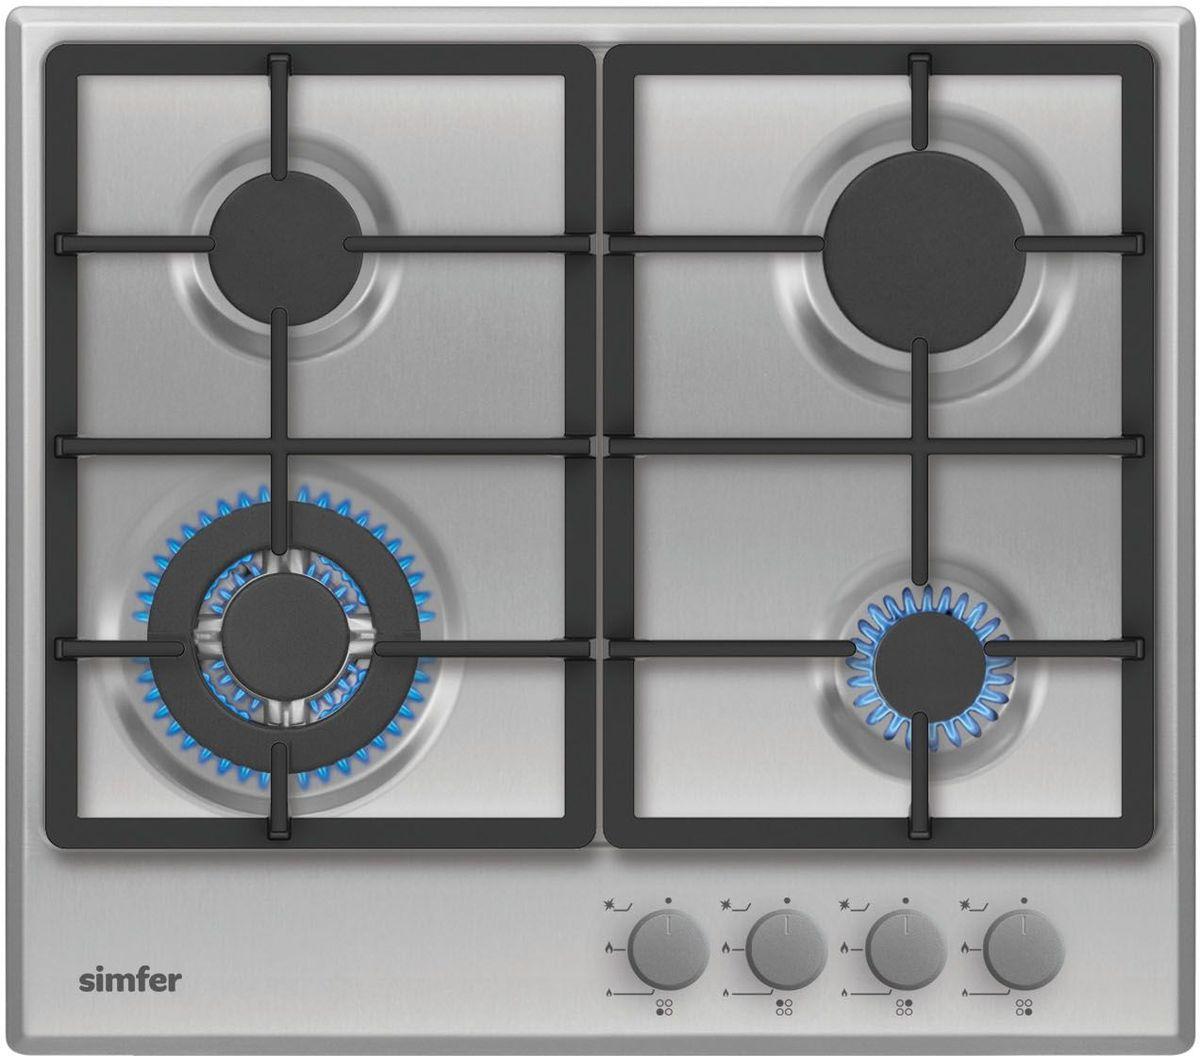 Simfer H60V41M511 панель варочная газоваяH60V41M511Газовая варочная панель Simfer H60V41M511 с чистым пламенем доведет вашу сковороду до нужной температуры без всяких задержек. Включите её и всё днище сковороды будет моментально нагрето. Благодаря идеальному расположению панели управления и индикатора уровня мощности прямо спереди этой варочной панели, любой повар, будь он левша или правша, сможет пользоваться ими с одинаковой лёгкостью. Газовая варочная поверхность Simfer H60V41M511 упрощает приготовление и делает его безопаснее благодаря особой форме подставок, обеспечивающих абсолютную устойчивость посуды. Нет способа быстрее и удобнее для того, чтобы разжечь конфорку, чем автоподжиг варочной панели. Просто поверните ручку, чтобы открыть и зажечь газ одним плавным движением.